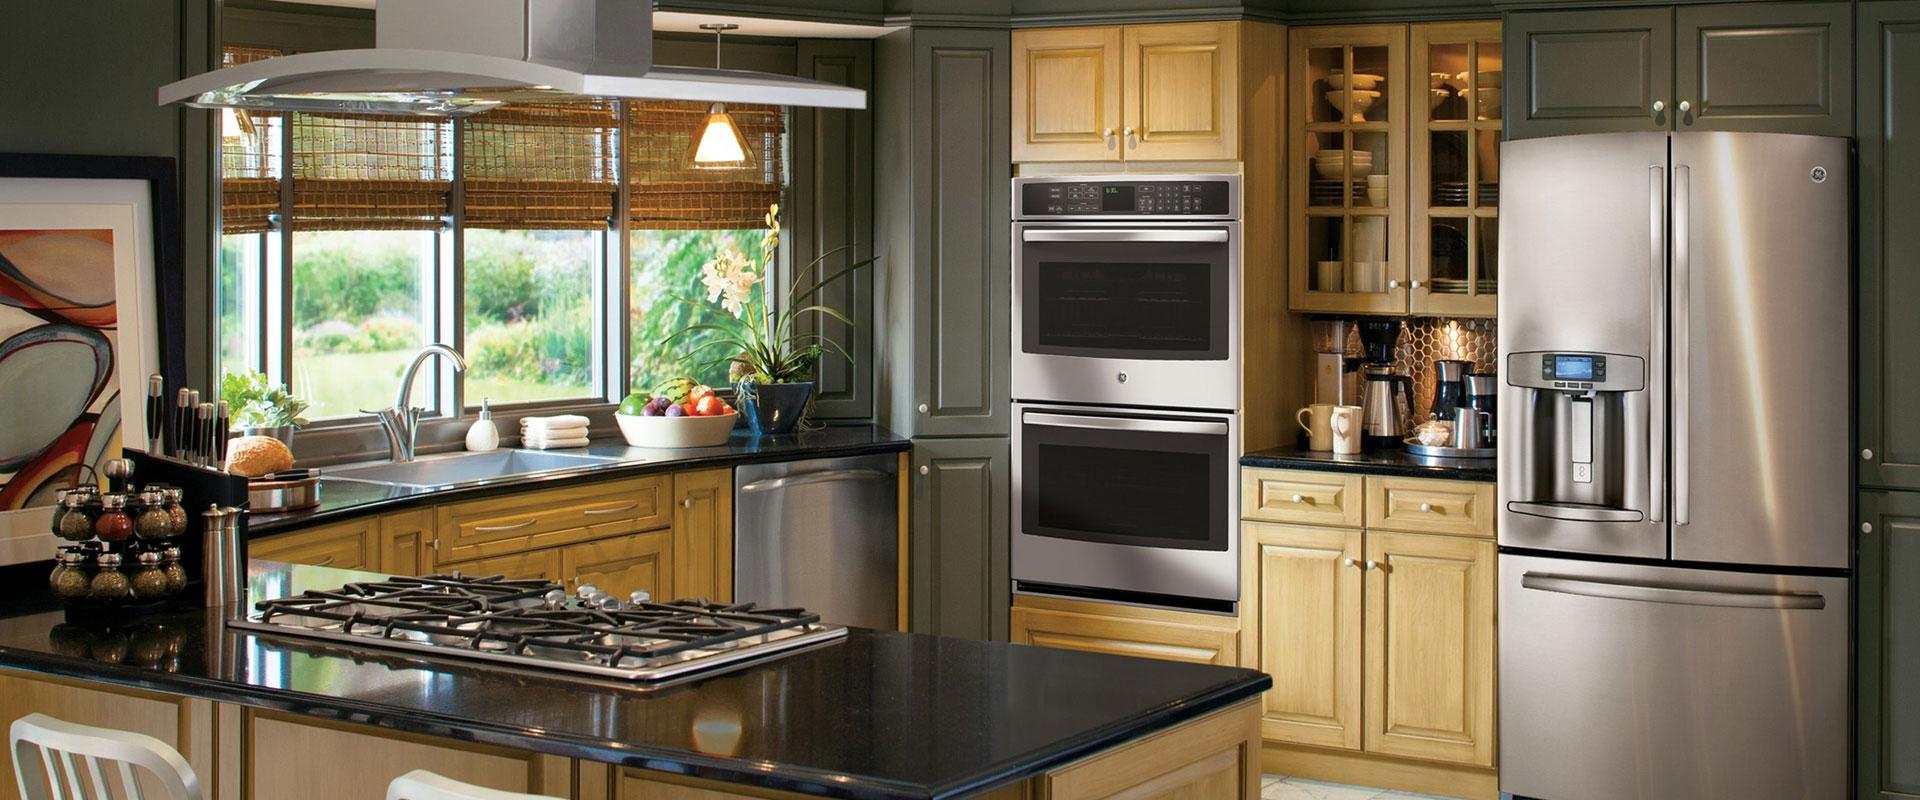 Home Depot Appliance Warranty Staten Island Appliance Repair